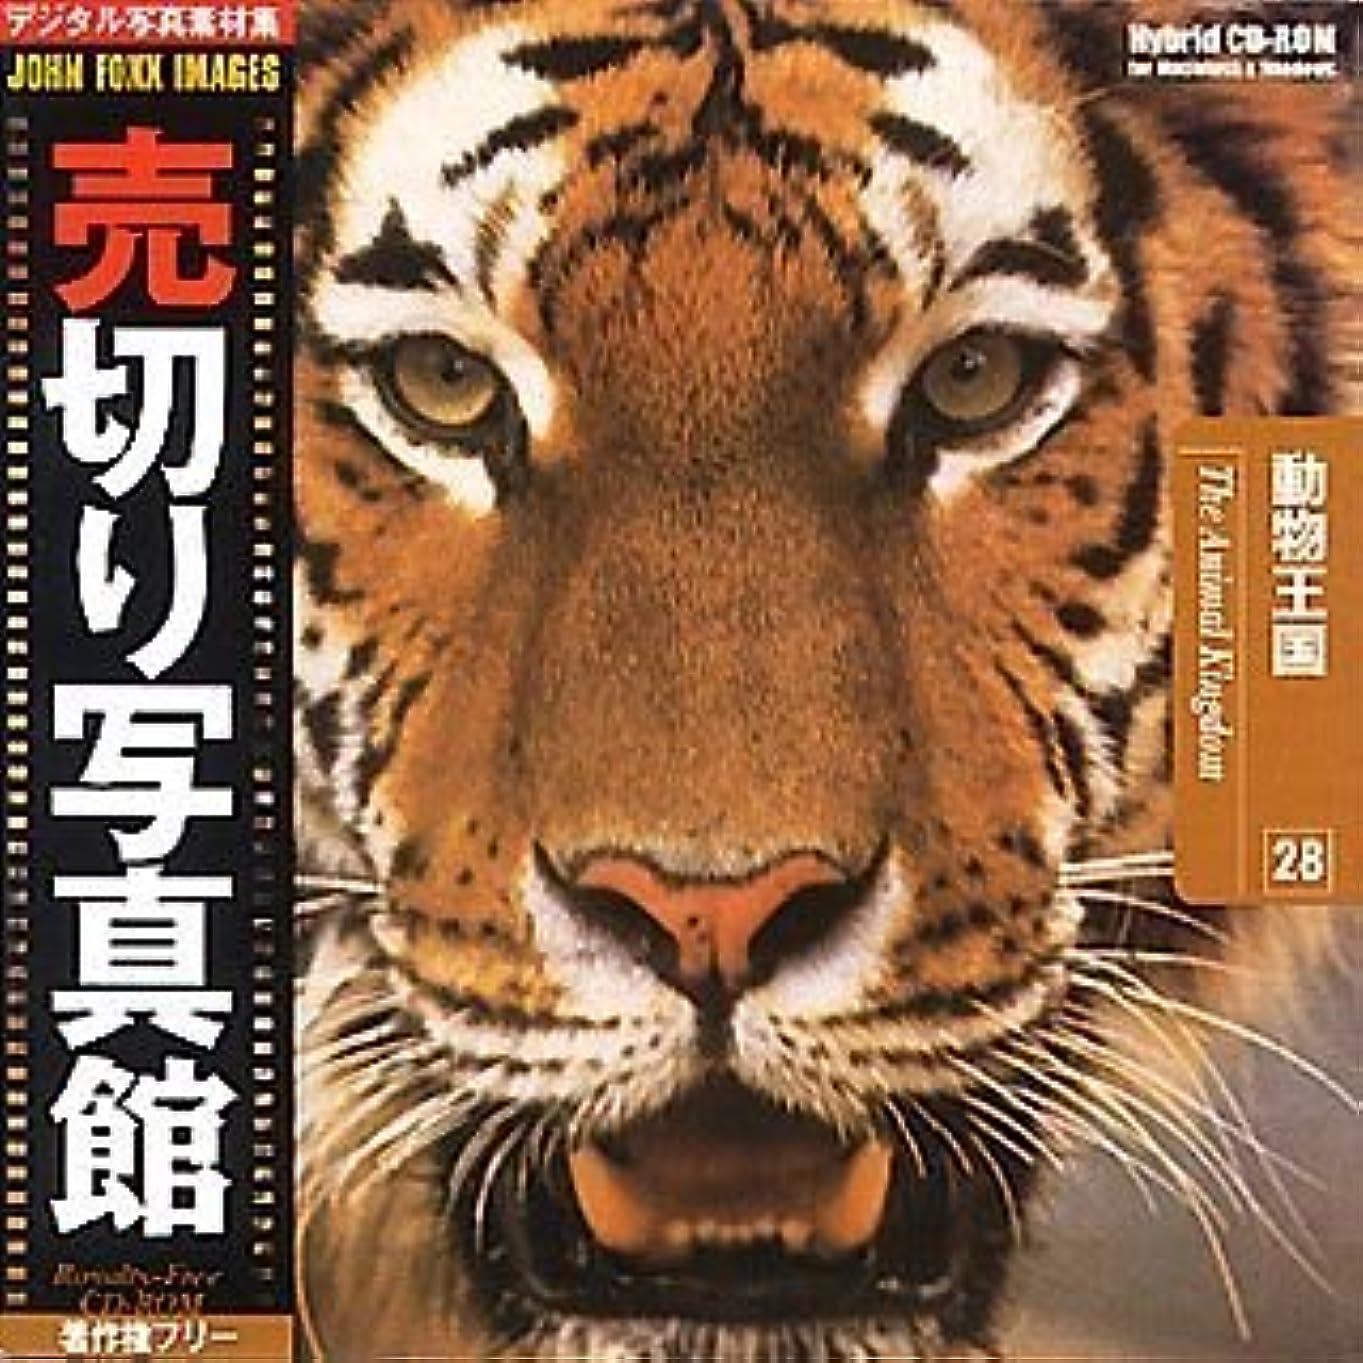 許さない教える光電売切り写真館 JFIシリーズ 28 動物王国